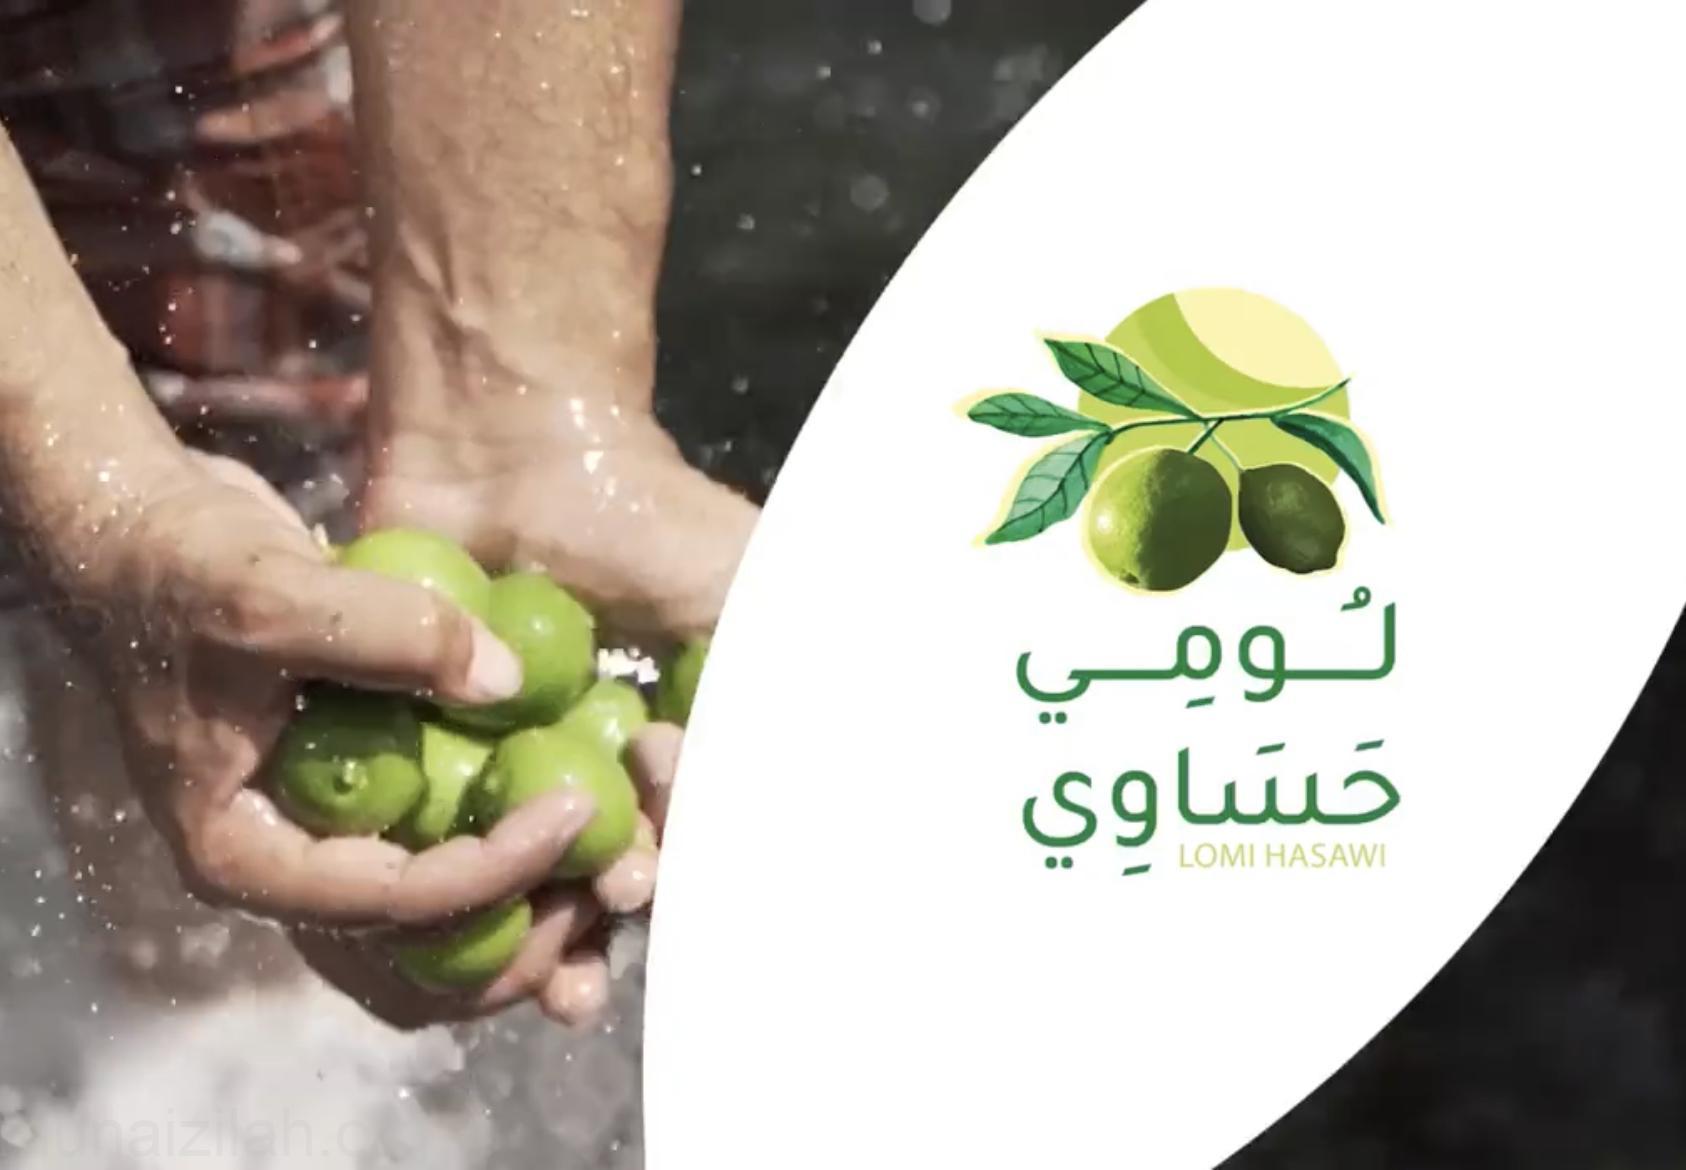 بالفيديو: القناة السعودية #الإخبارية تلتقي «علي الأحمد» للحديث عن مهرجان #لومي_حساوي